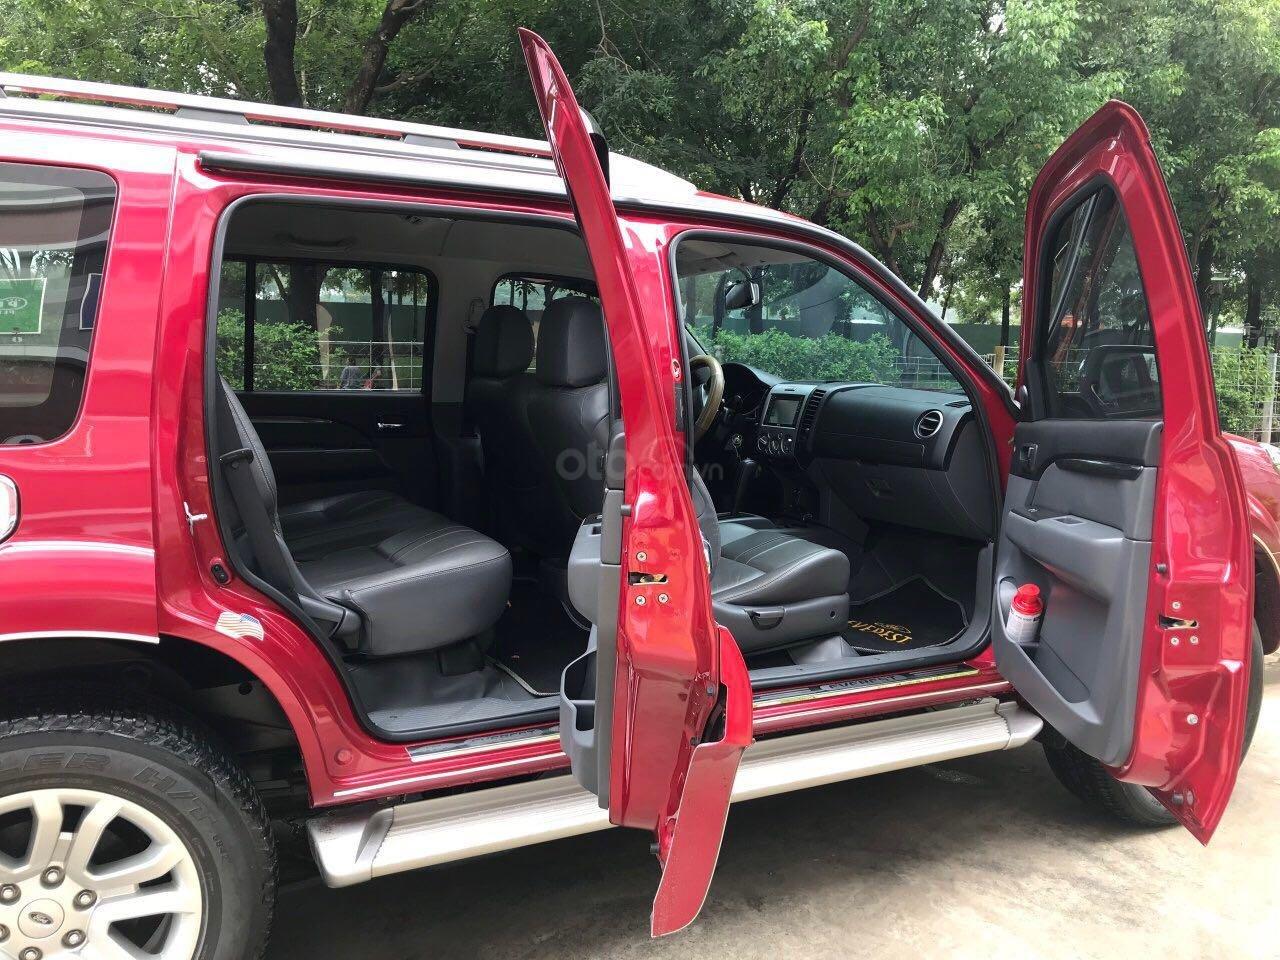 Bán ô tô Ford Everest sản xuất 2015, màu đỏ, giá tốt, 675 triệu đồng (4)